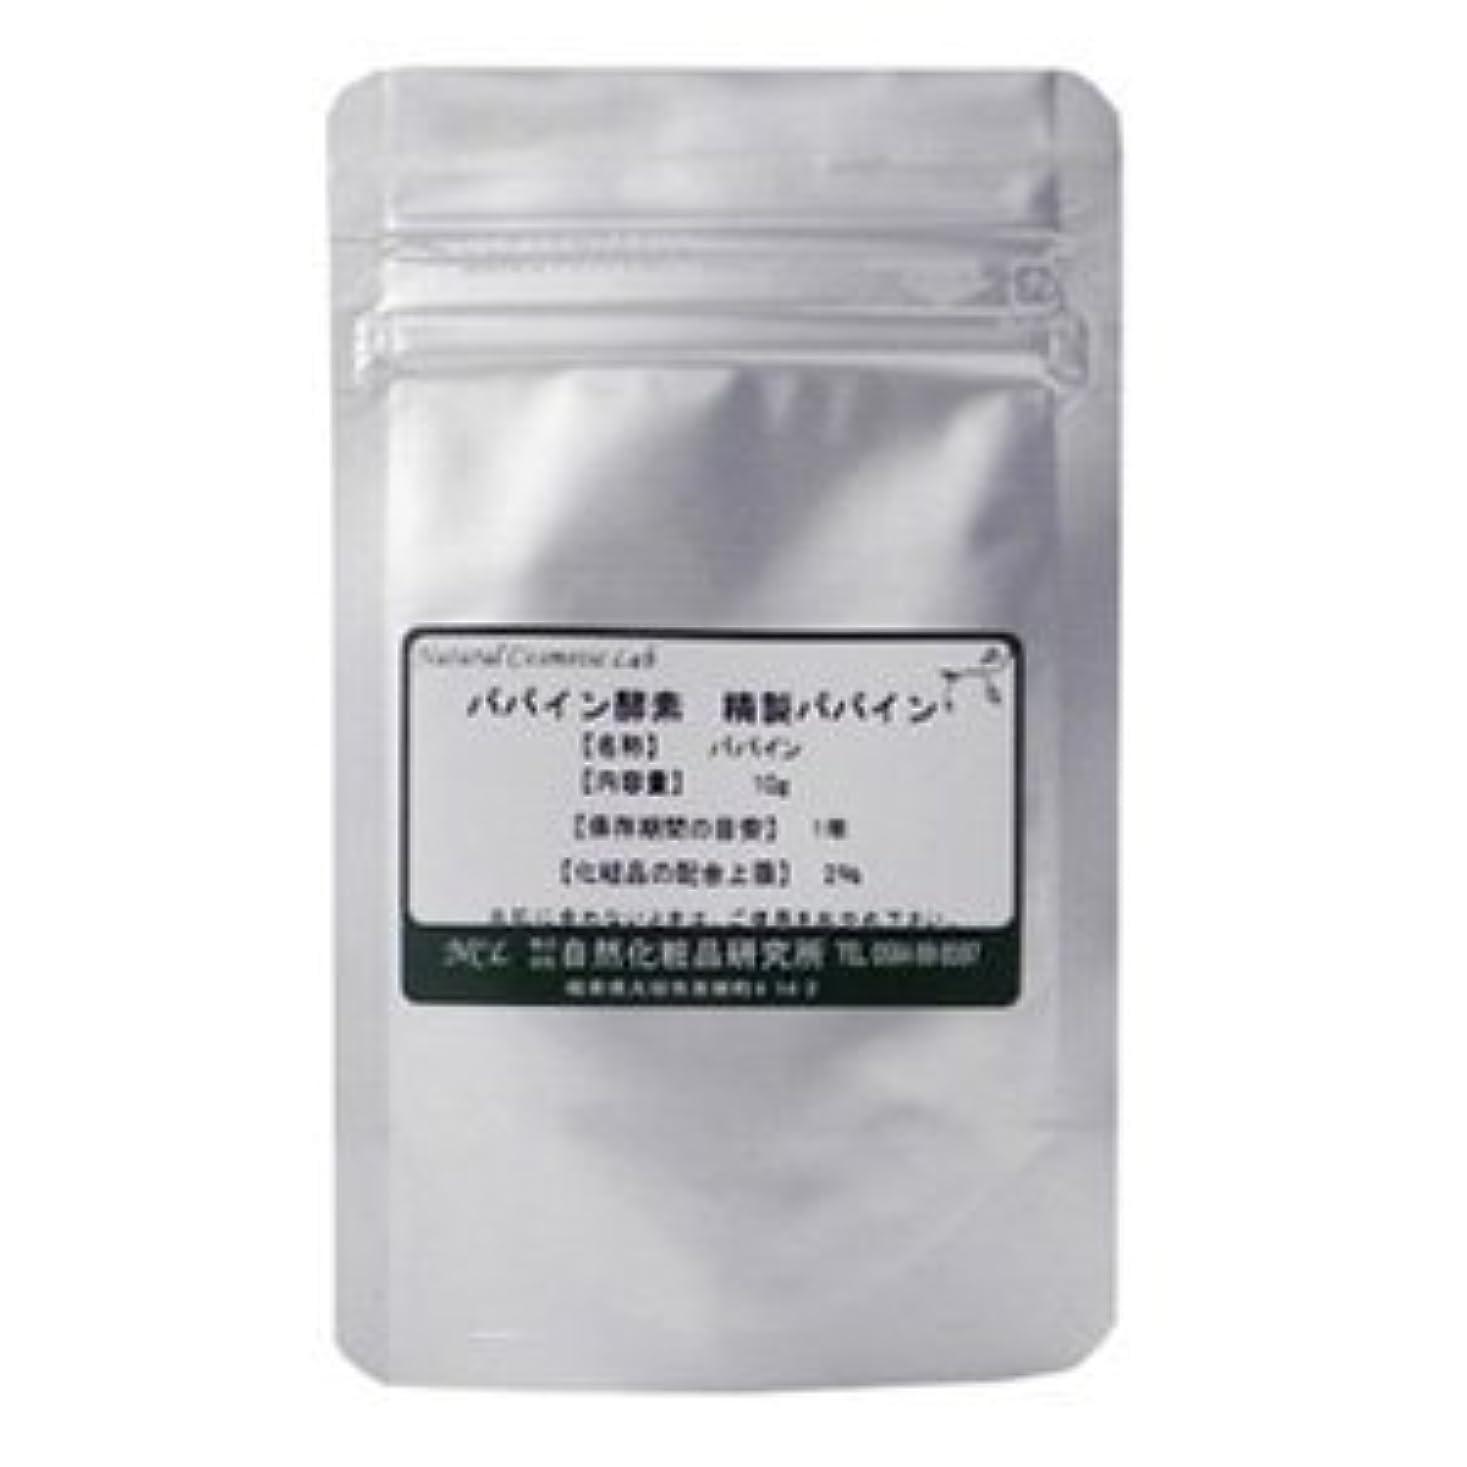 活気づける呼吸手首パパイン酵素 精製パパイン 10g 【手作り化粧品原料】